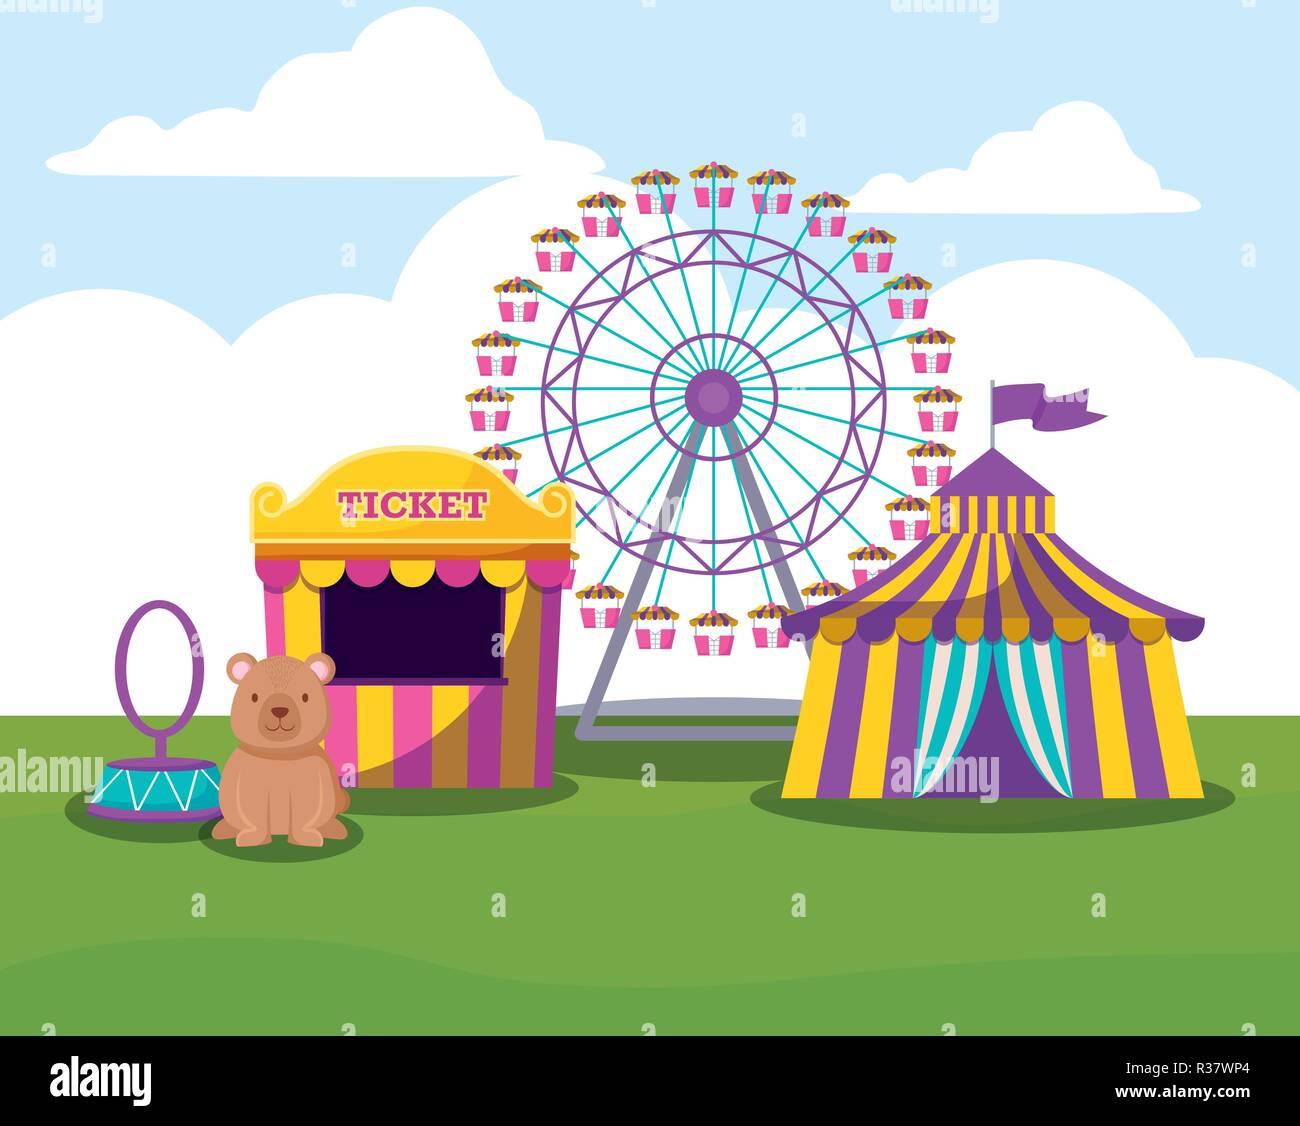 Carpa del circo con la rueda panorámica y lindo oso diseño ilustración  vectorial Imagen De Stock 99cc33ef0bb